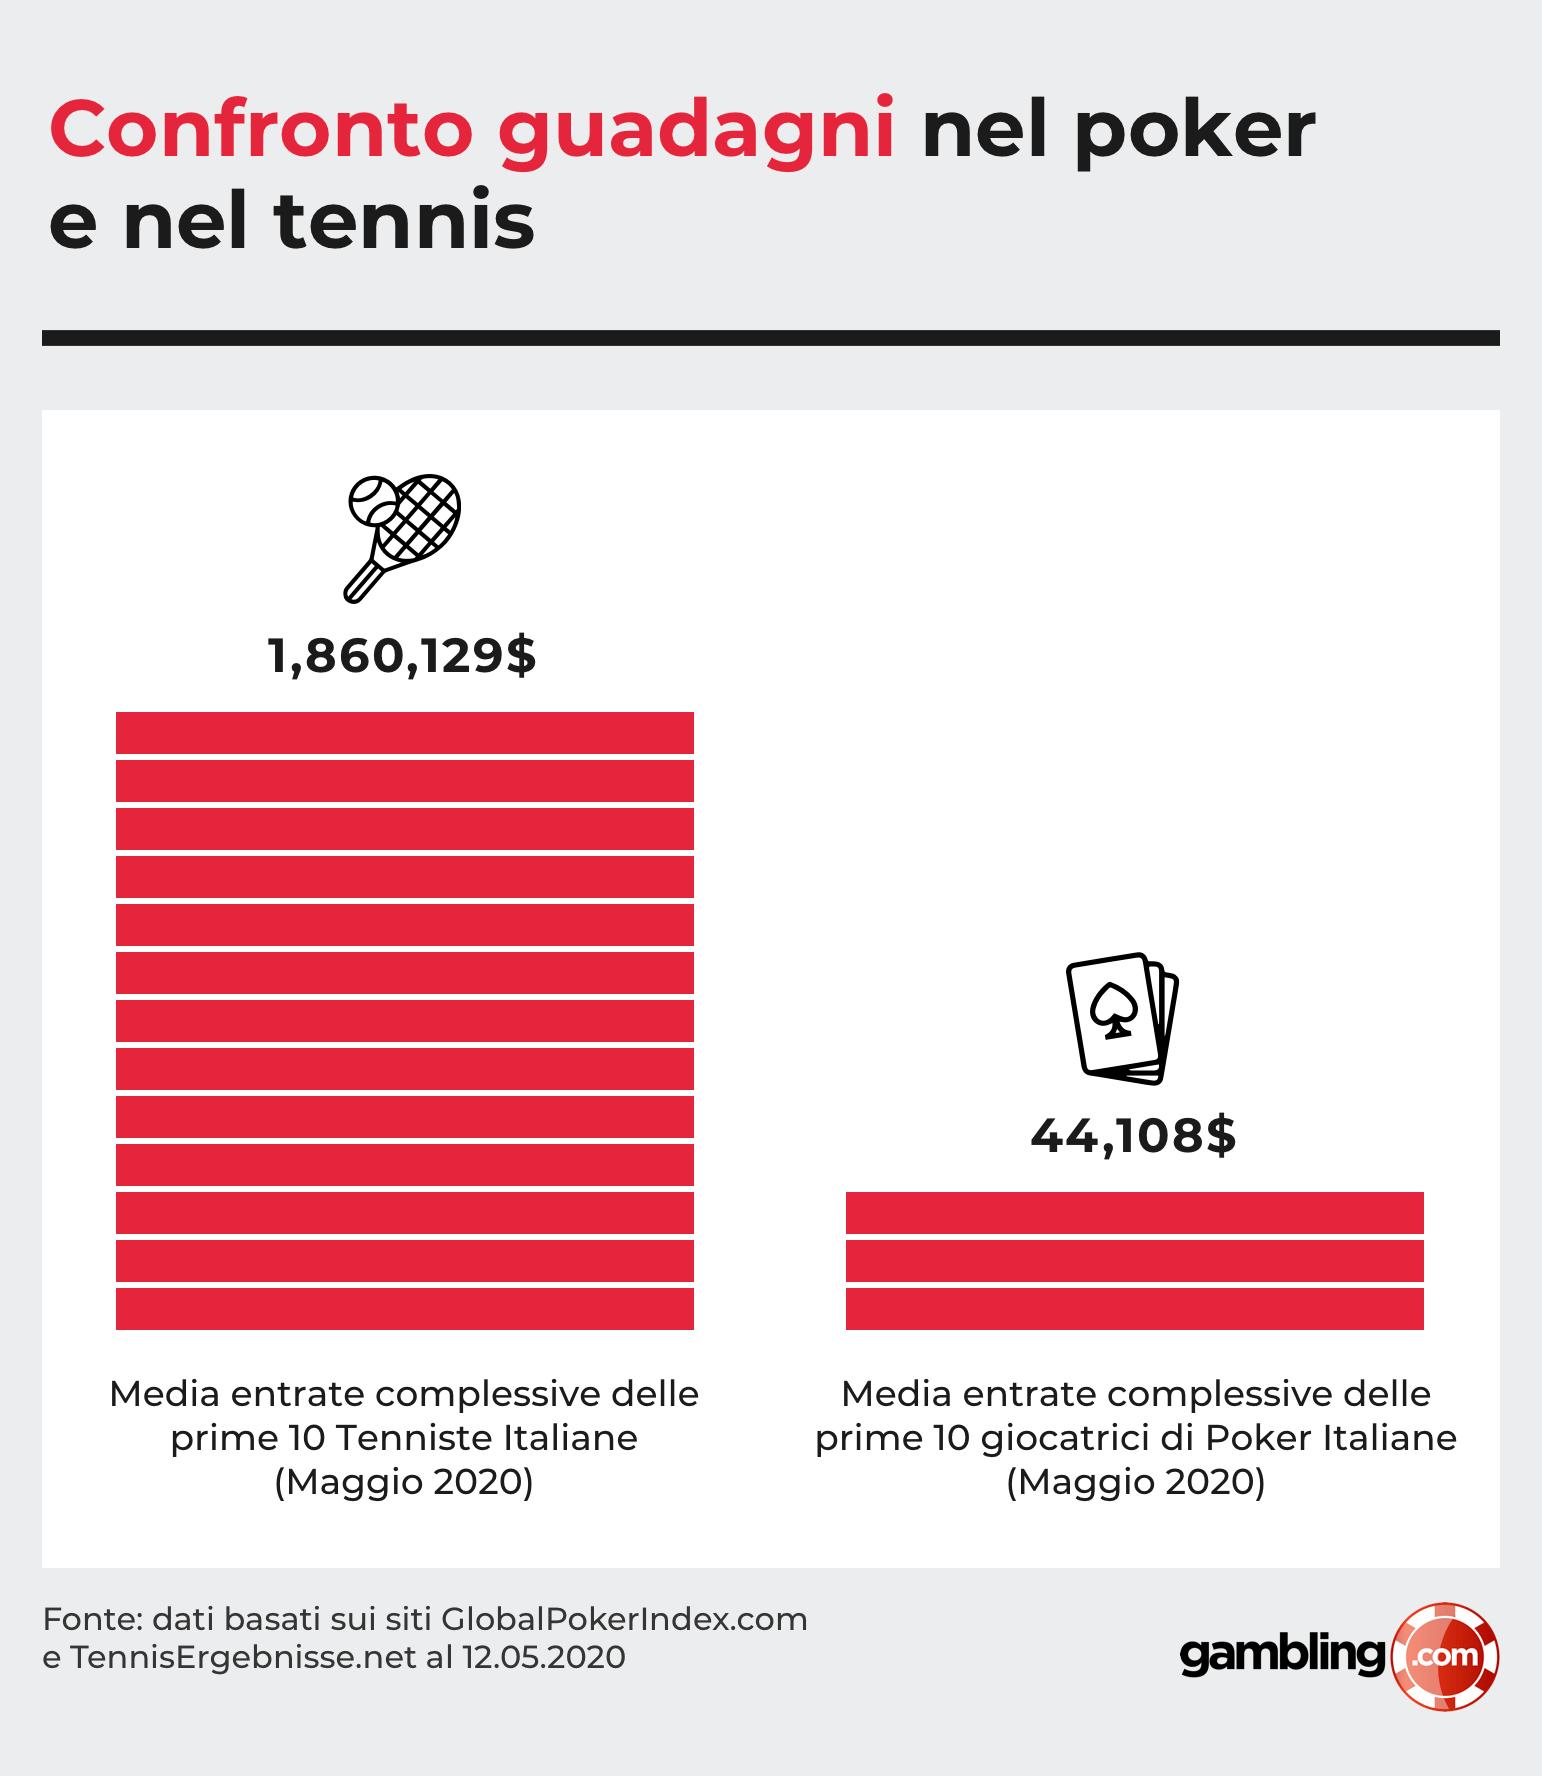 Confronto guadagni nel poker e nel tennis delle giocatrici italiane